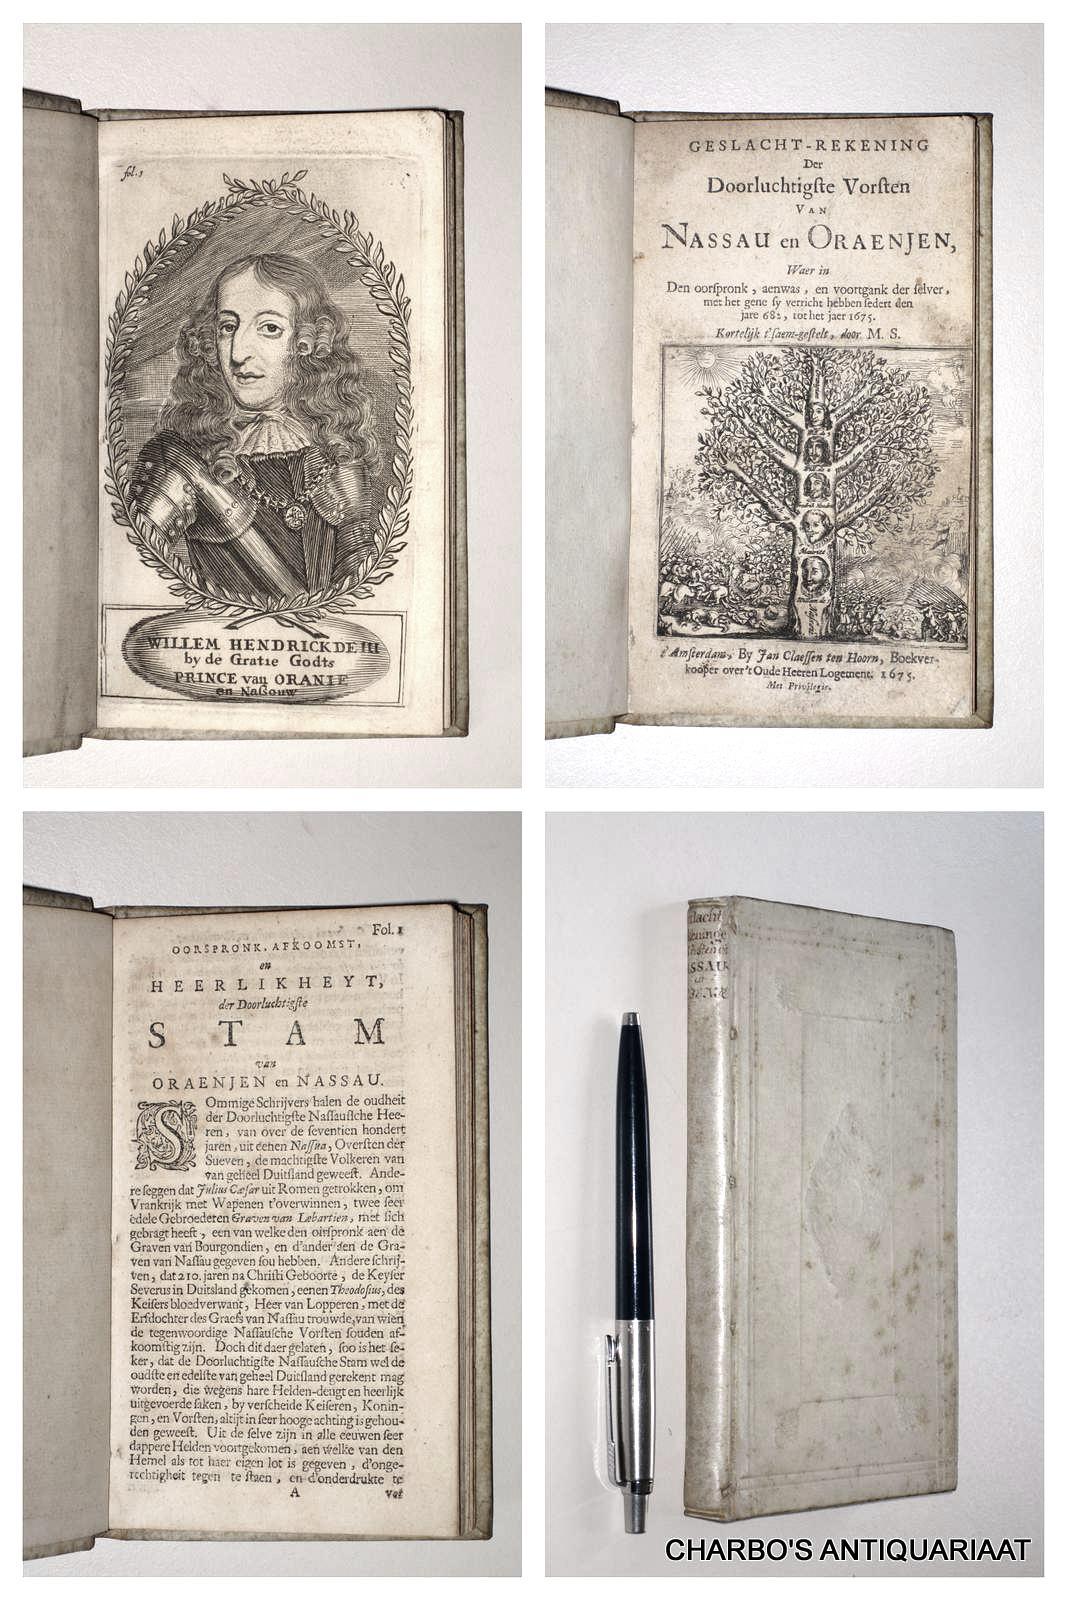 SMALLEGANGE, M., -  Geslacht-rekening der doorluchtigste vorsten van Nassau en Oraenjen, waer in den oorspronk, aenwas, en voortgank der selver, met het gene sy verricht hebben sedert den jare 682, tot het jaer 1675.